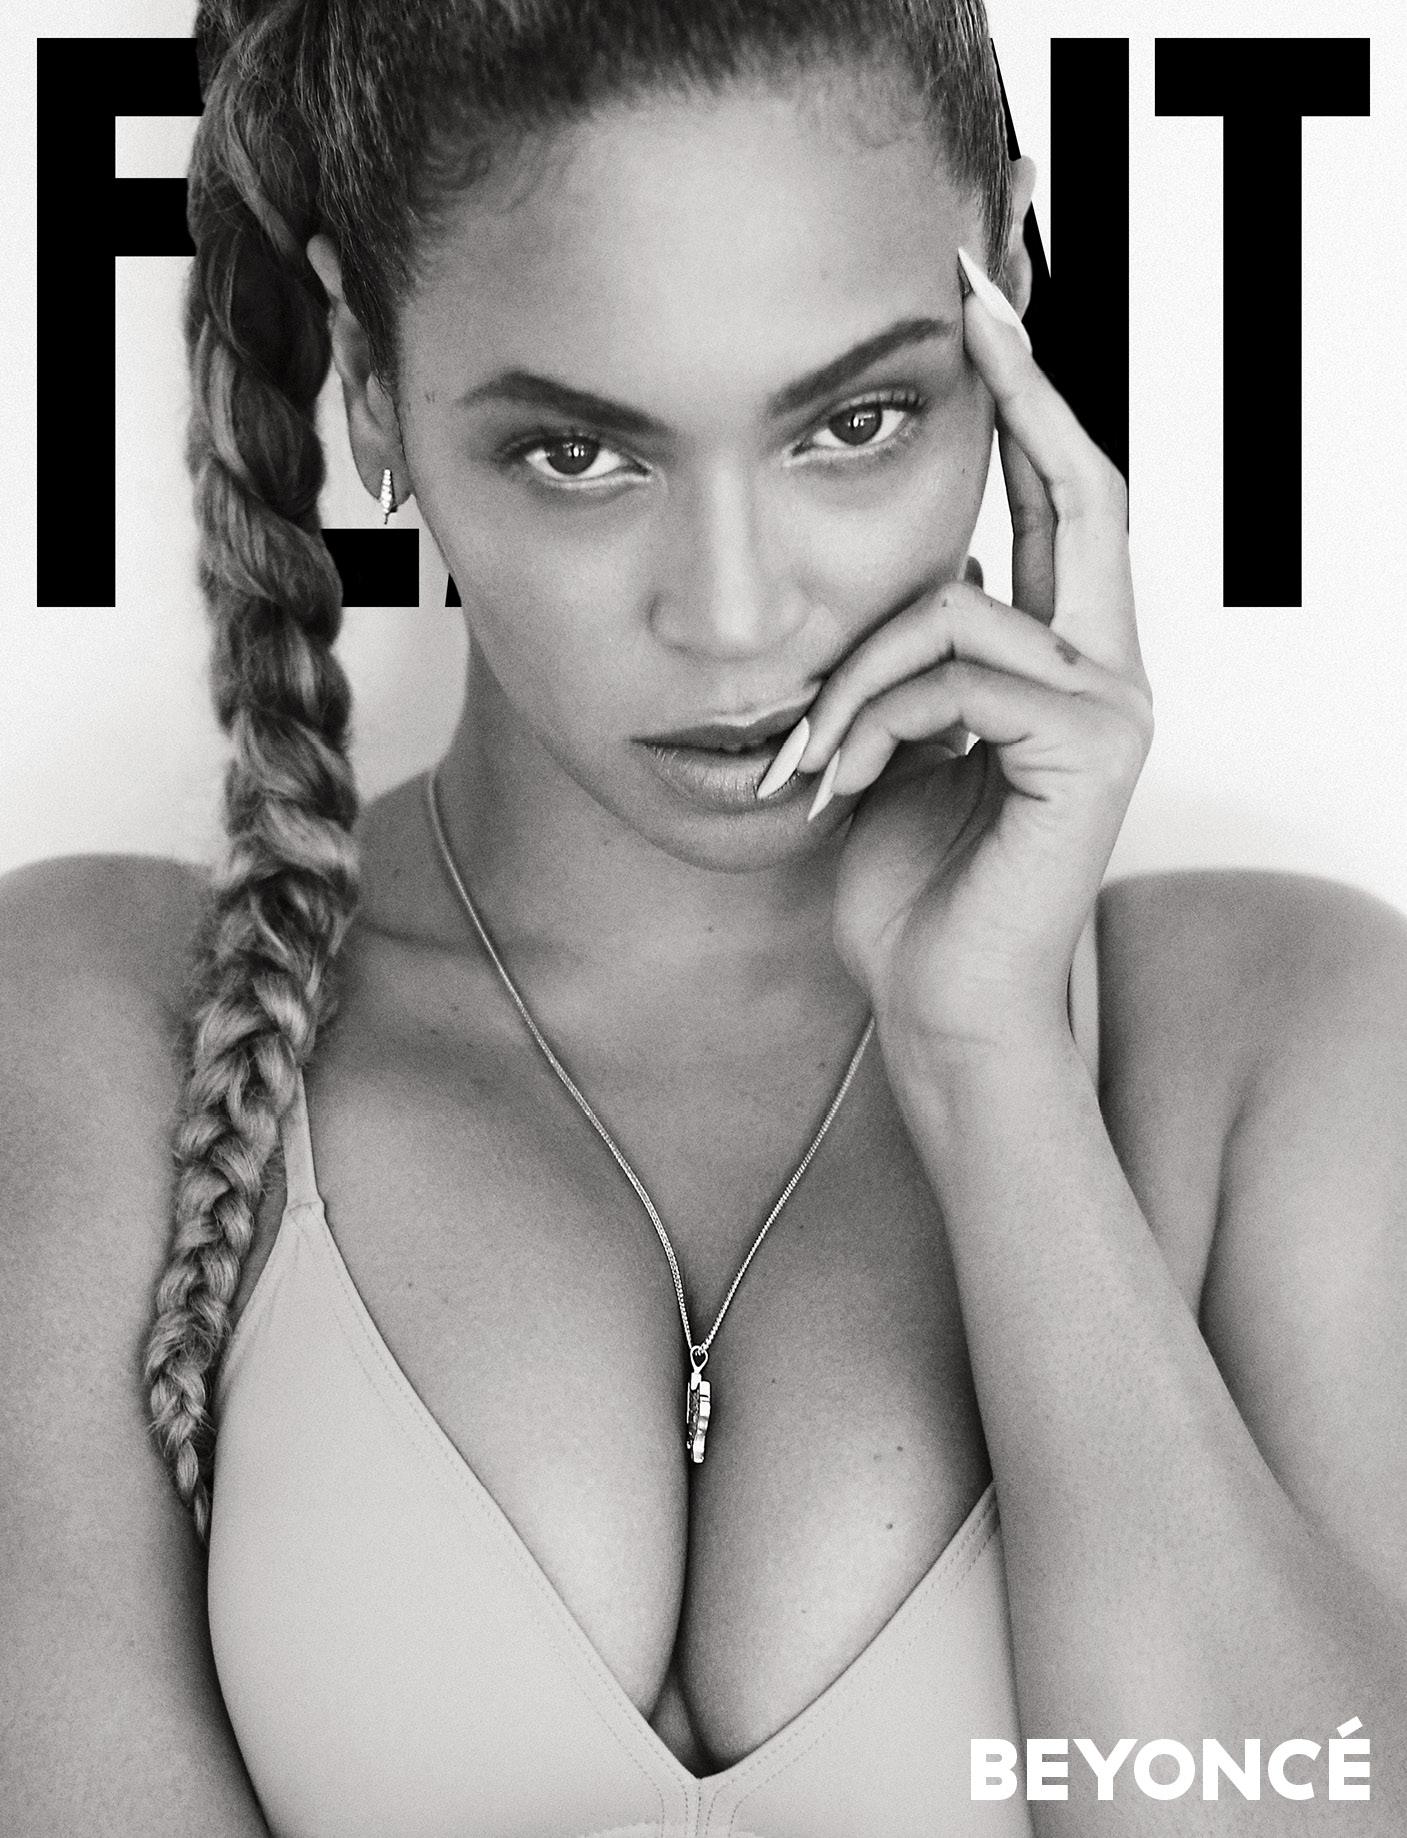 Fotos de Beyoncé > Nuevos Shoots, Campañas, Portadas, etc. - Página 44 001